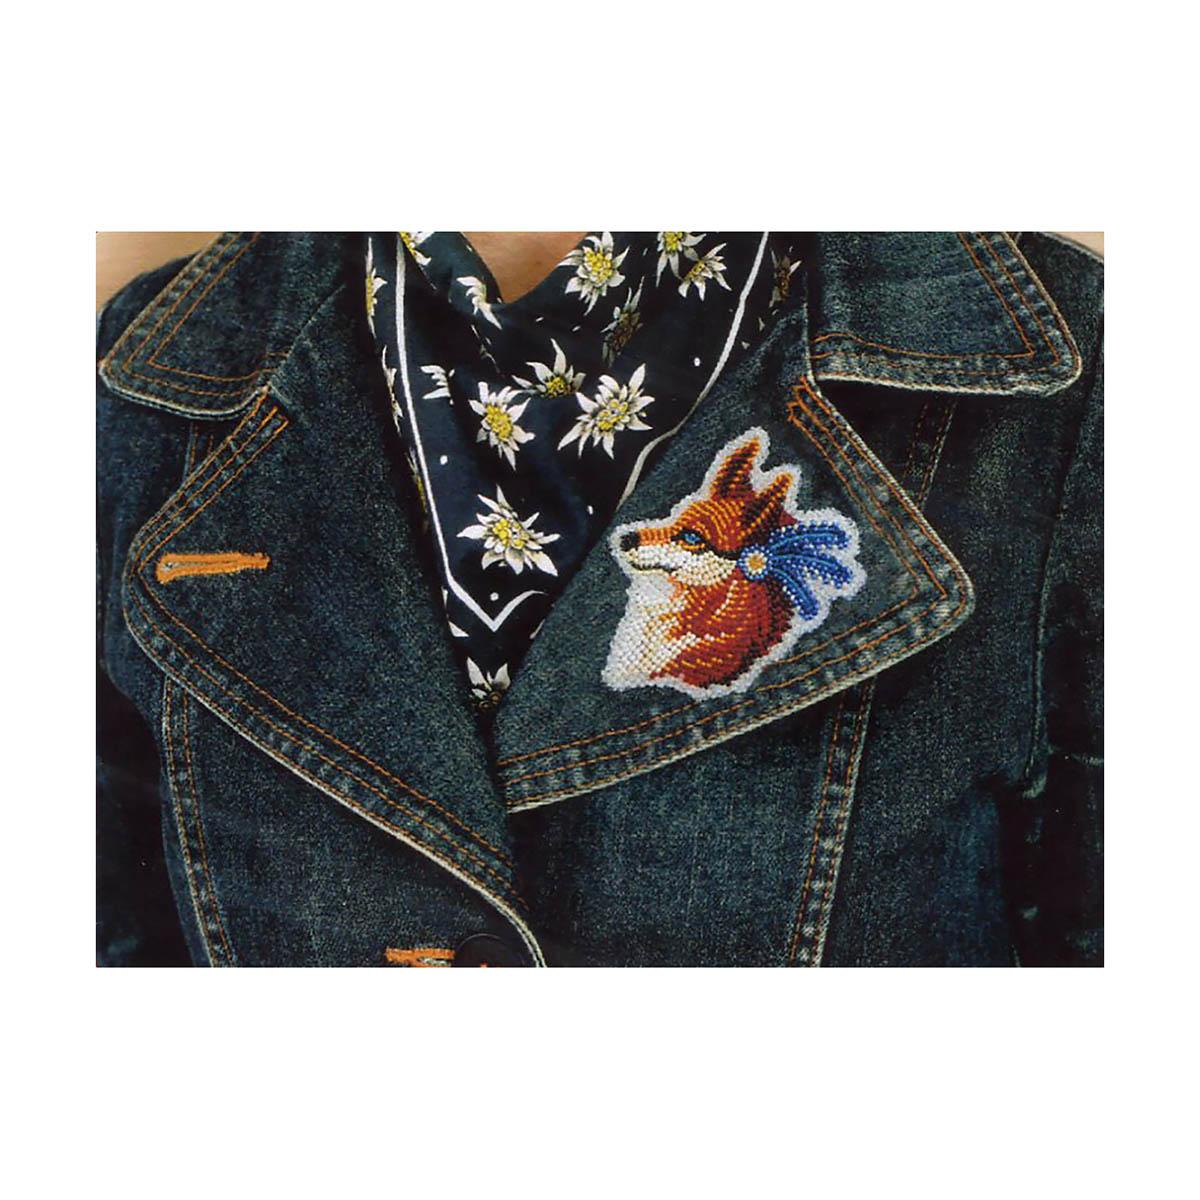 АД-106 Набор для вышивки бисером украшения на натуральном художественном холсте Паттернхолст 'Лисичка'8*10,5см